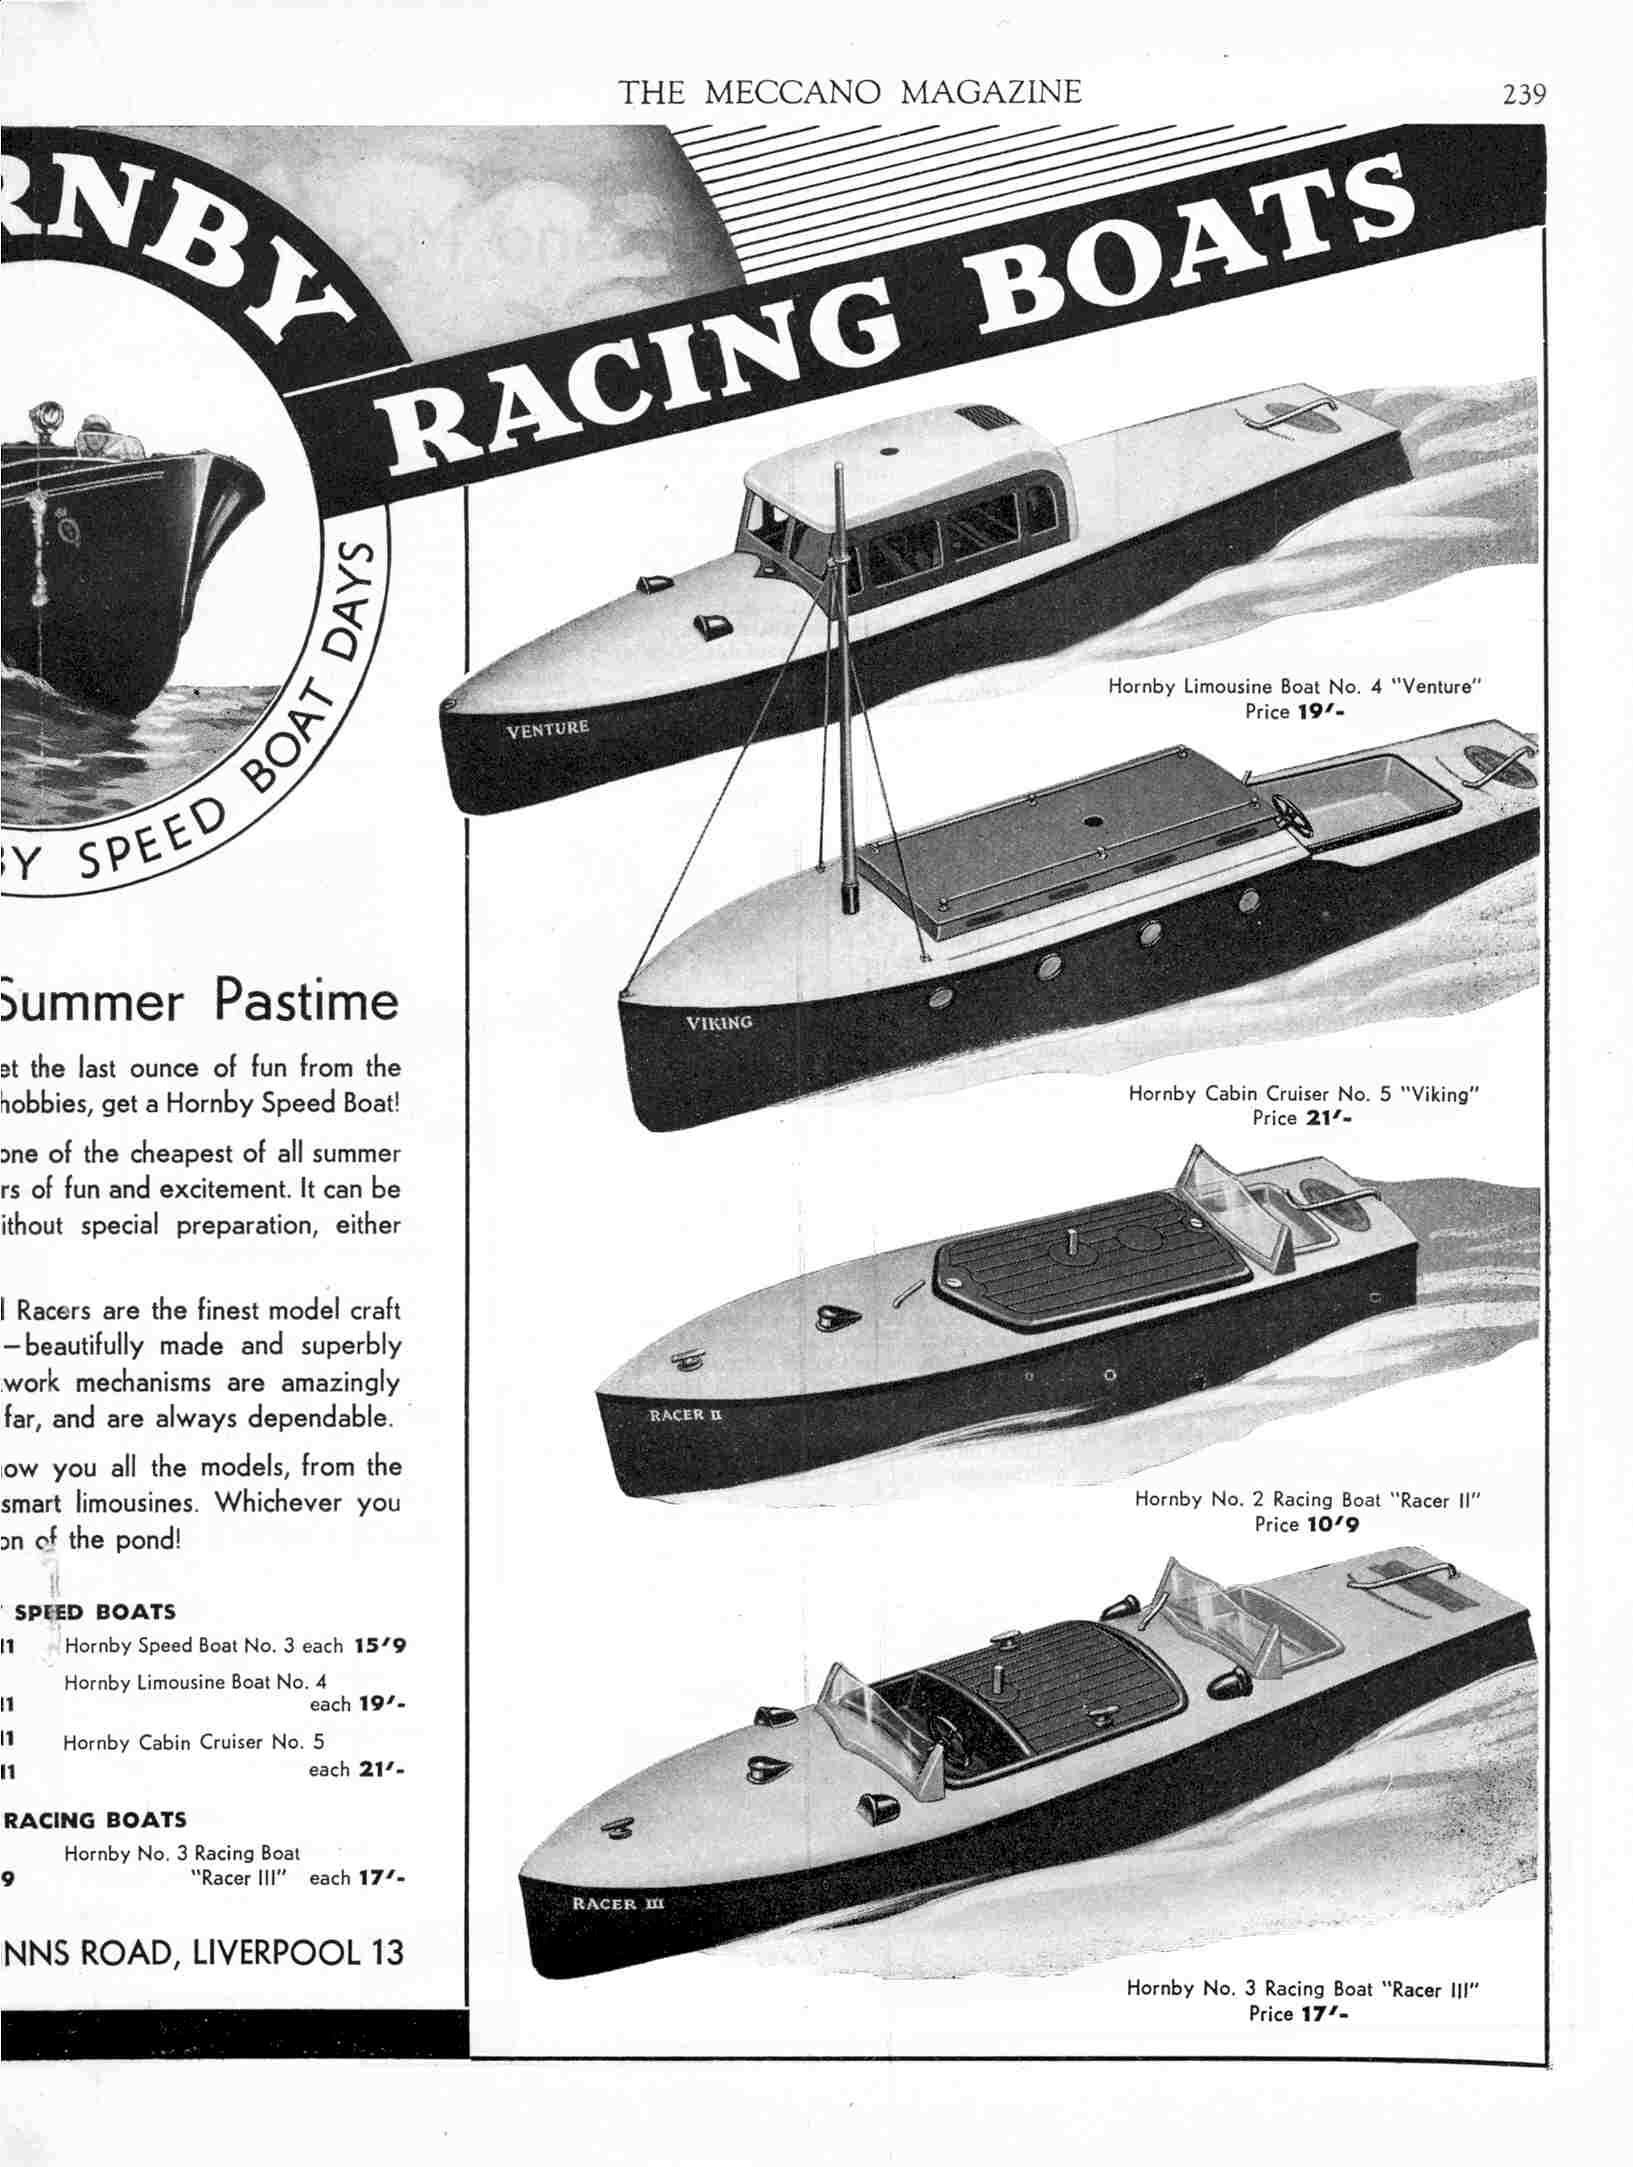 UK Meccano Magazine May 1940 Page 239